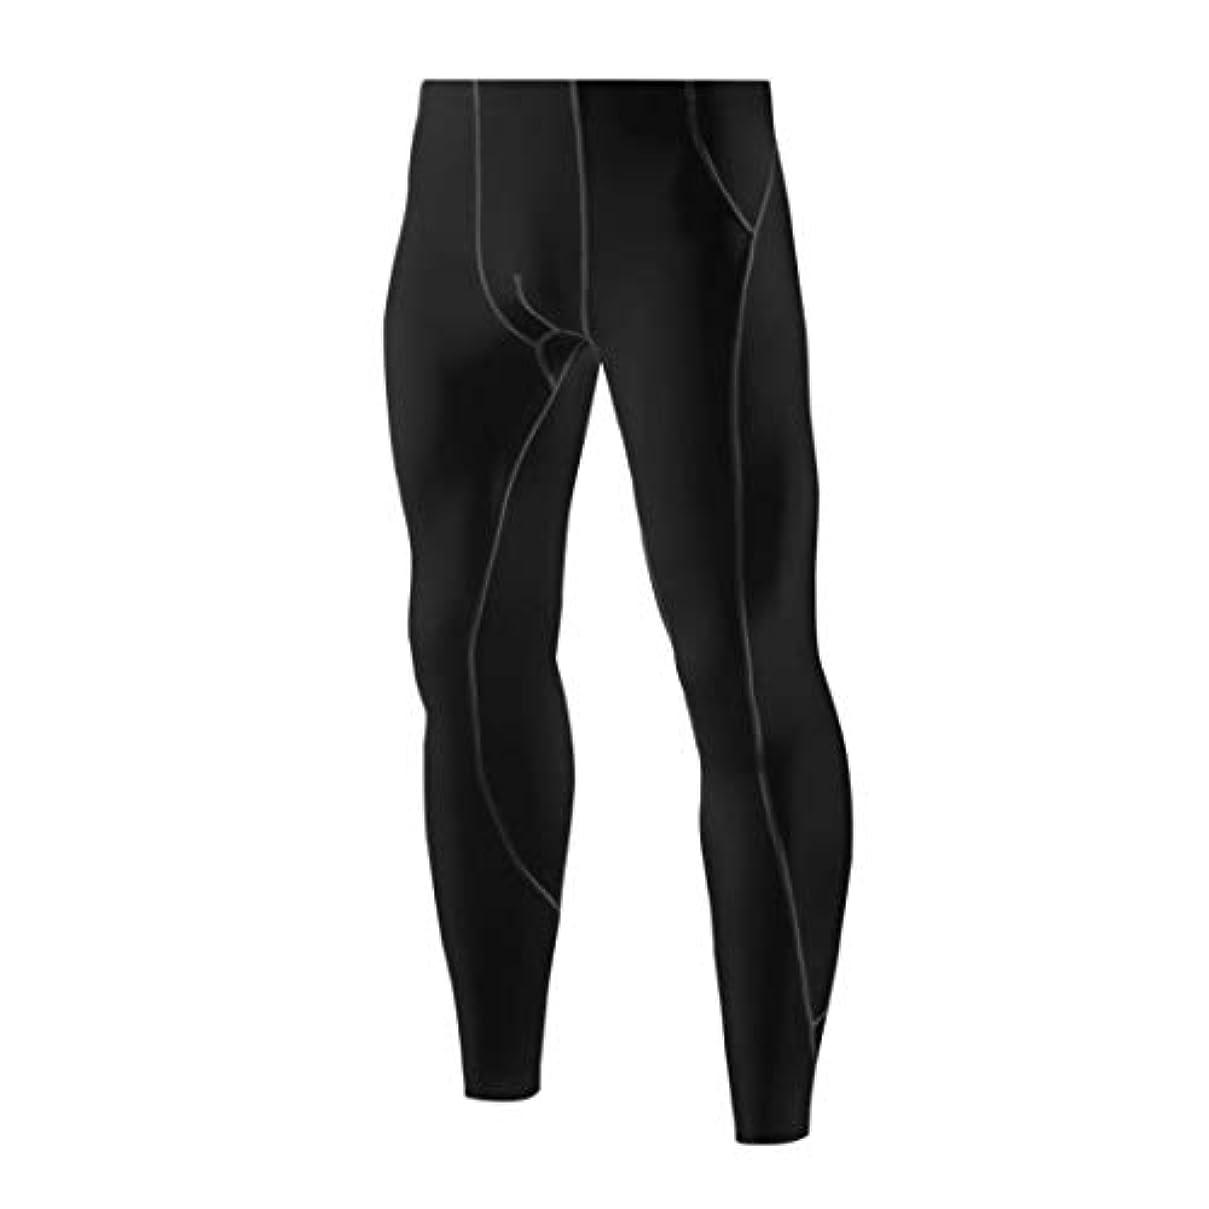 シャーク写真のスタウトKerwinner 軽くて ストレッチサイクリングパンツ自転車用バイキング服装サイクルウェアタイツ (Color : Black, Size : M)